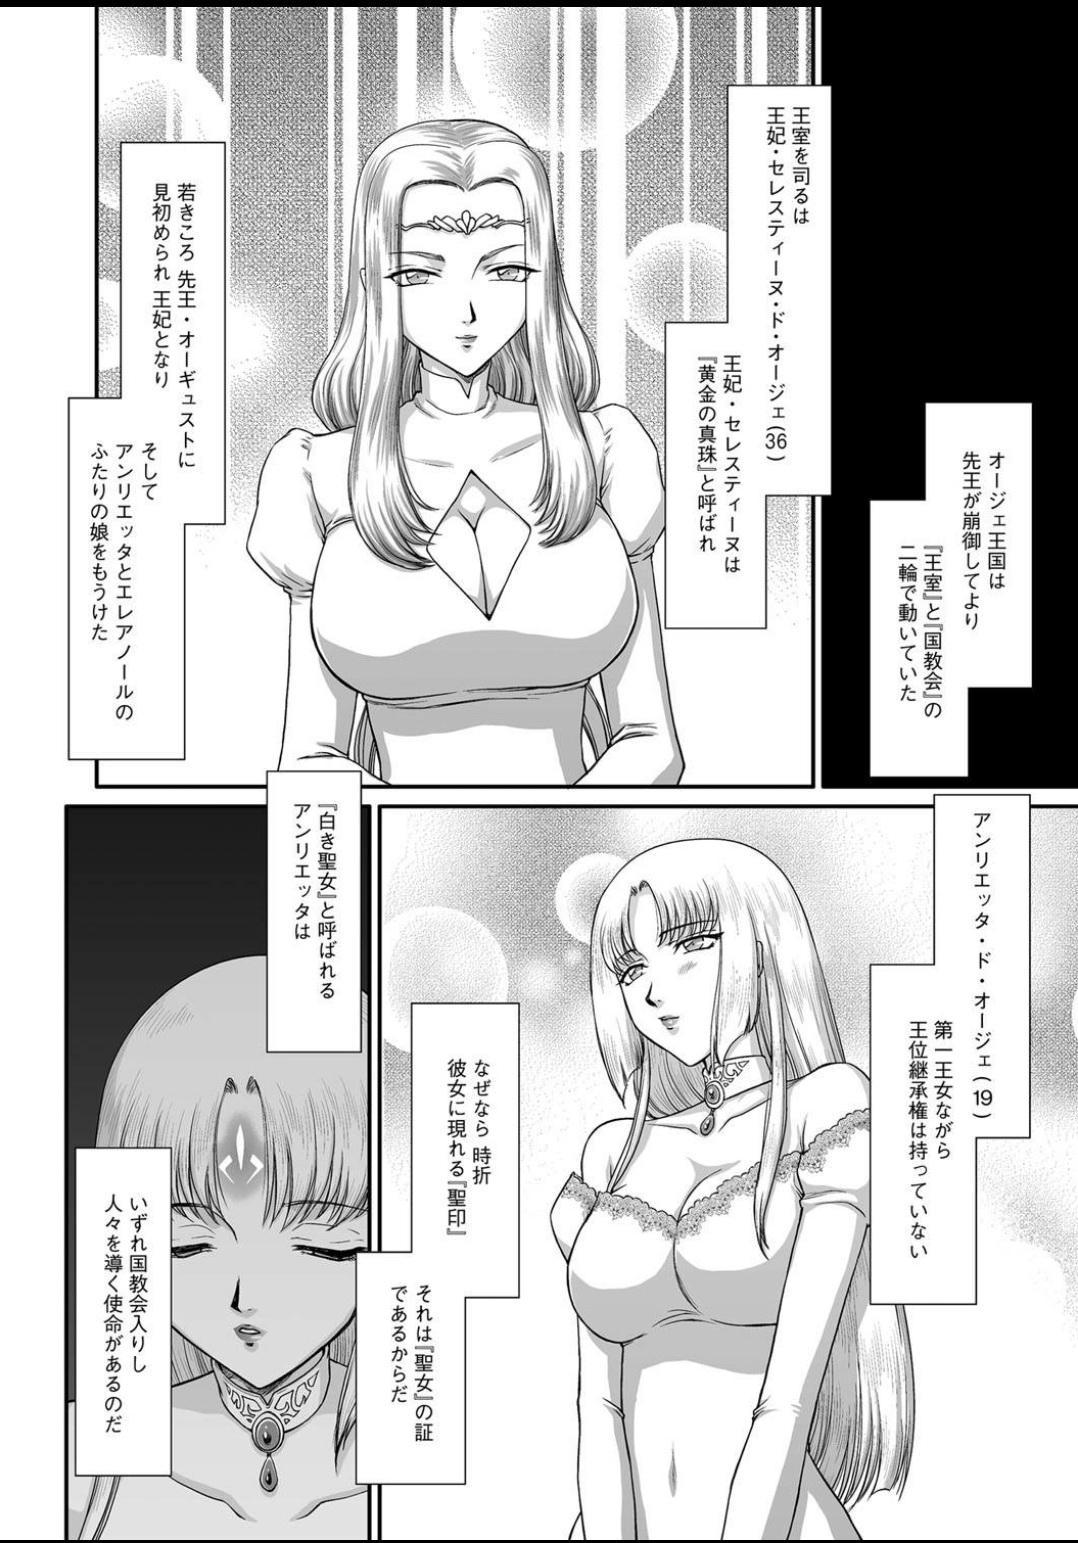 Ingyaku no Oukoku Auger Hakudaku Senki Eleanor 4